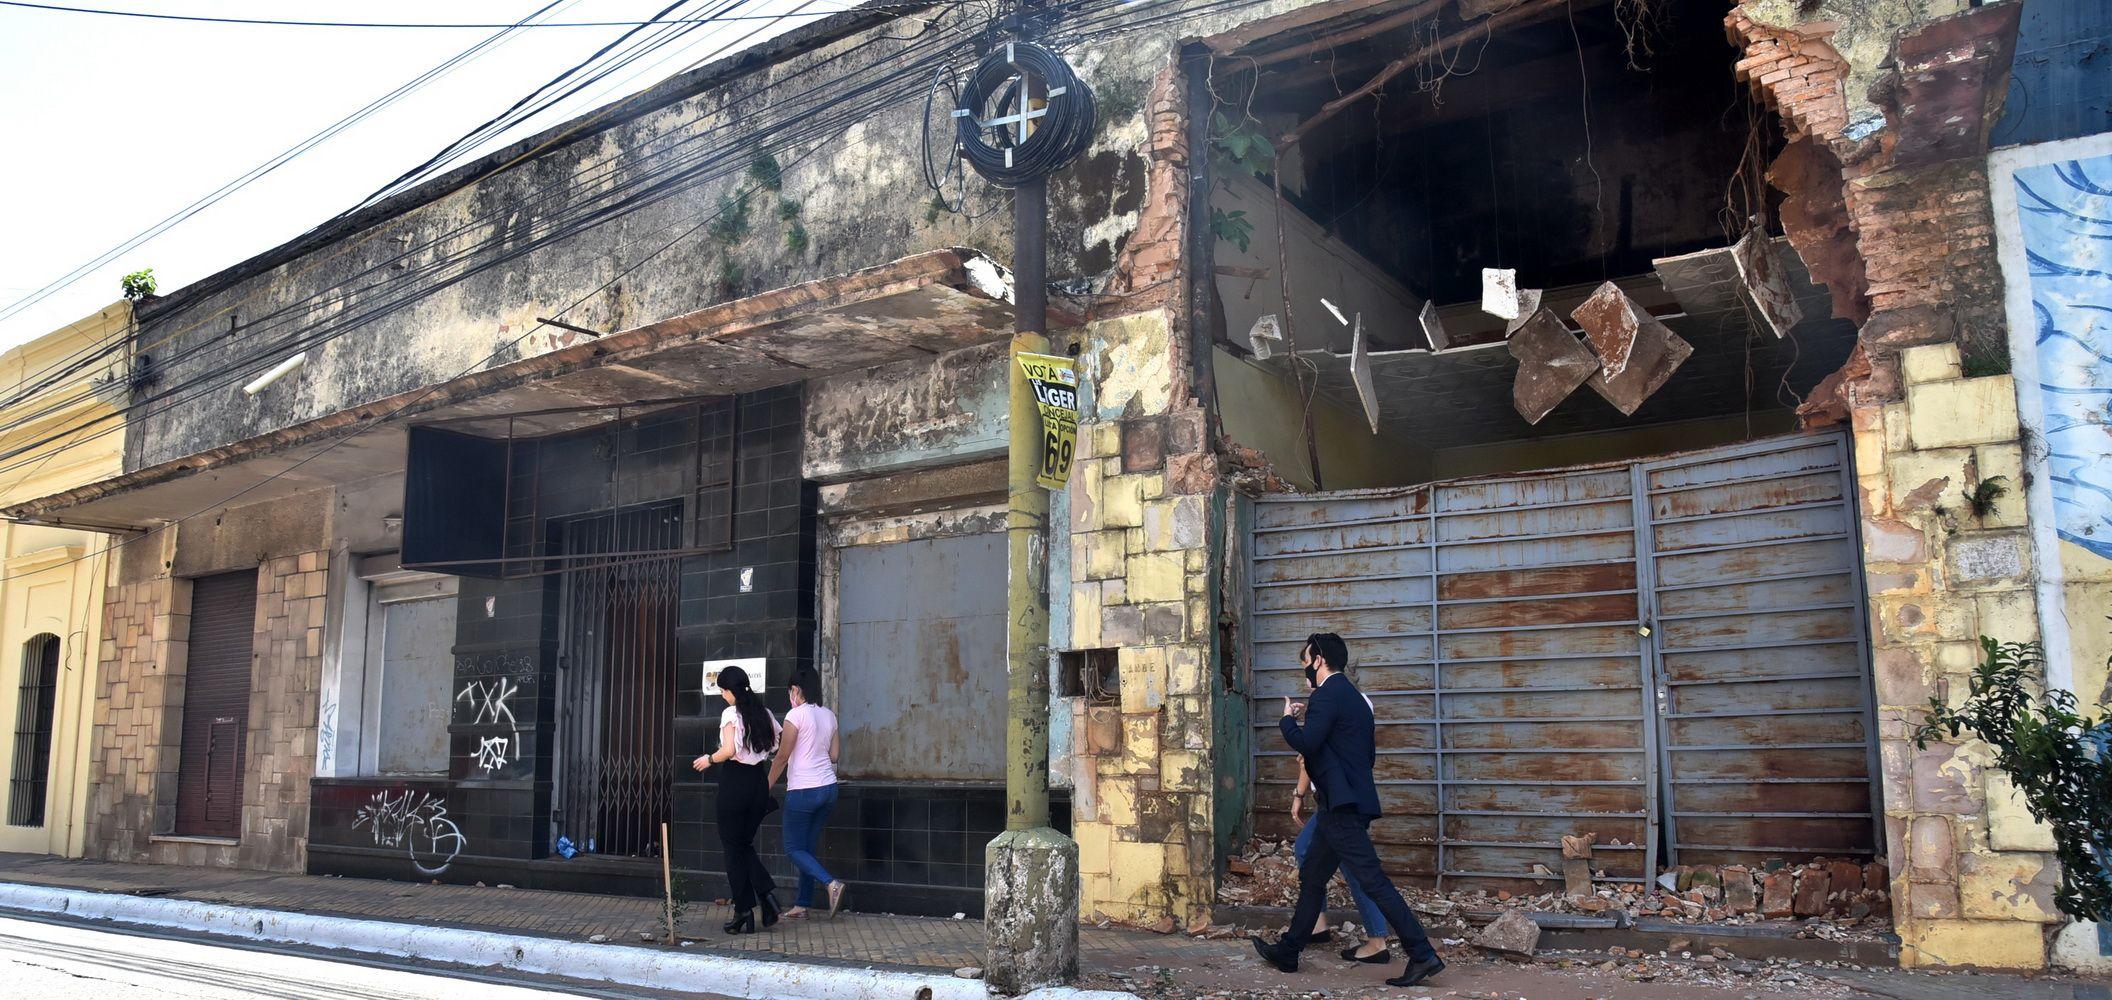 Riesgo. En Presidente Franco e Independencia Nacional se encuentra un edificio abandonado, donde anteriormente funcionaba un gimnasio; en el sitio ya se produjo un gran derrumbe.